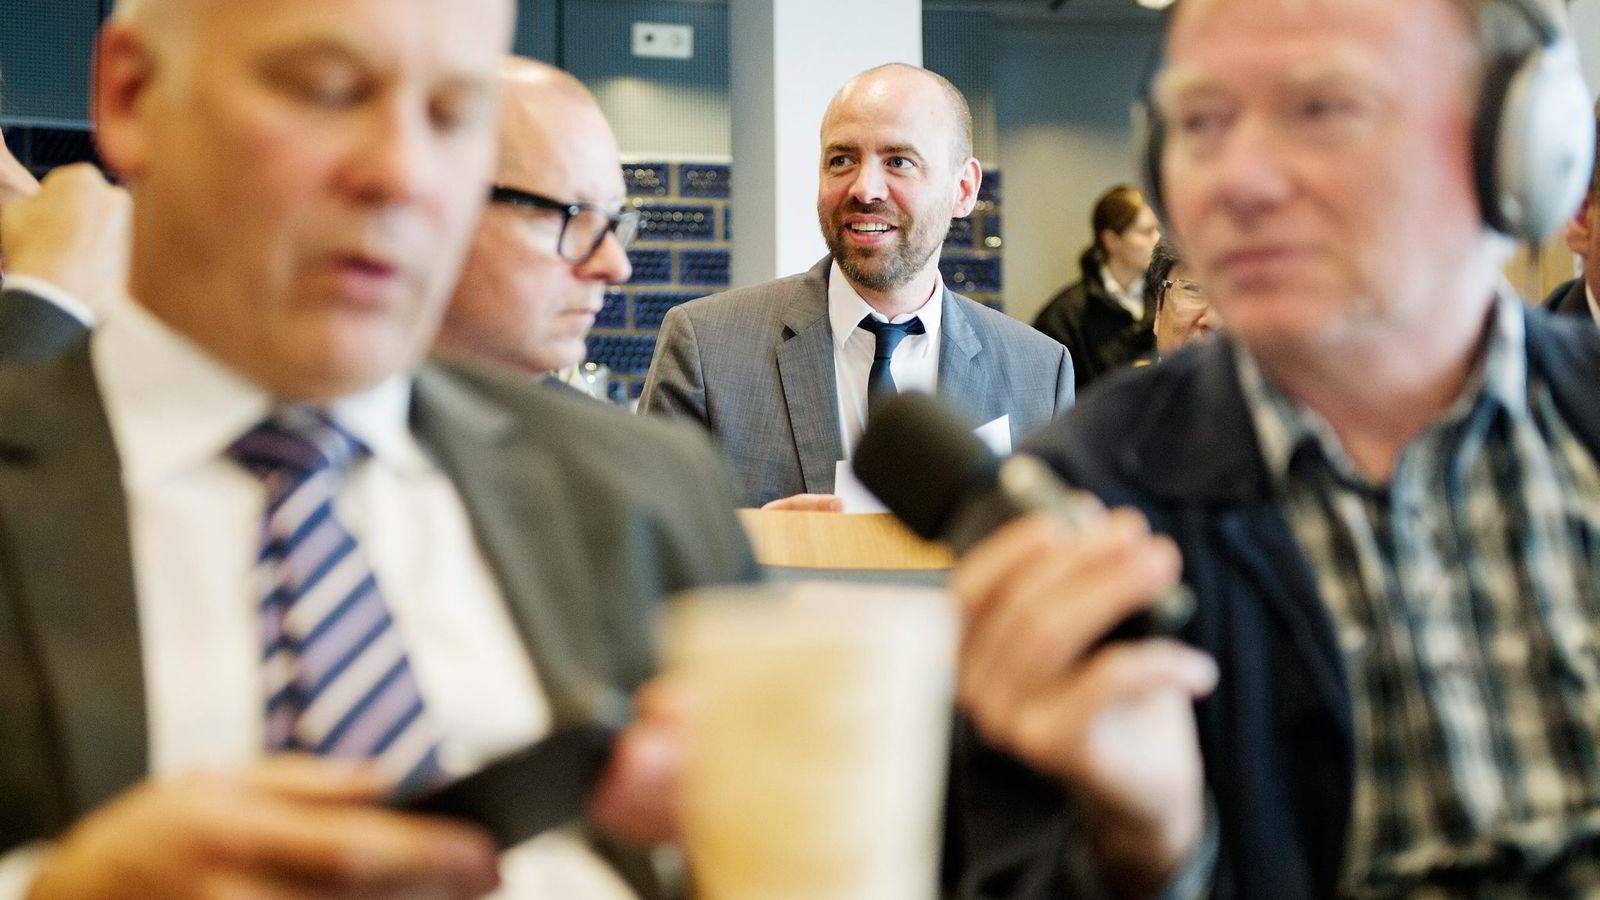 Arbeiderpartiets Arild Grande (midten) vil ha større avstand mellom politikerne og NRK. Her med NRK-sjef Thor Gjermund Eriksen (foran til venstre). Foto Thomas Haugersveen